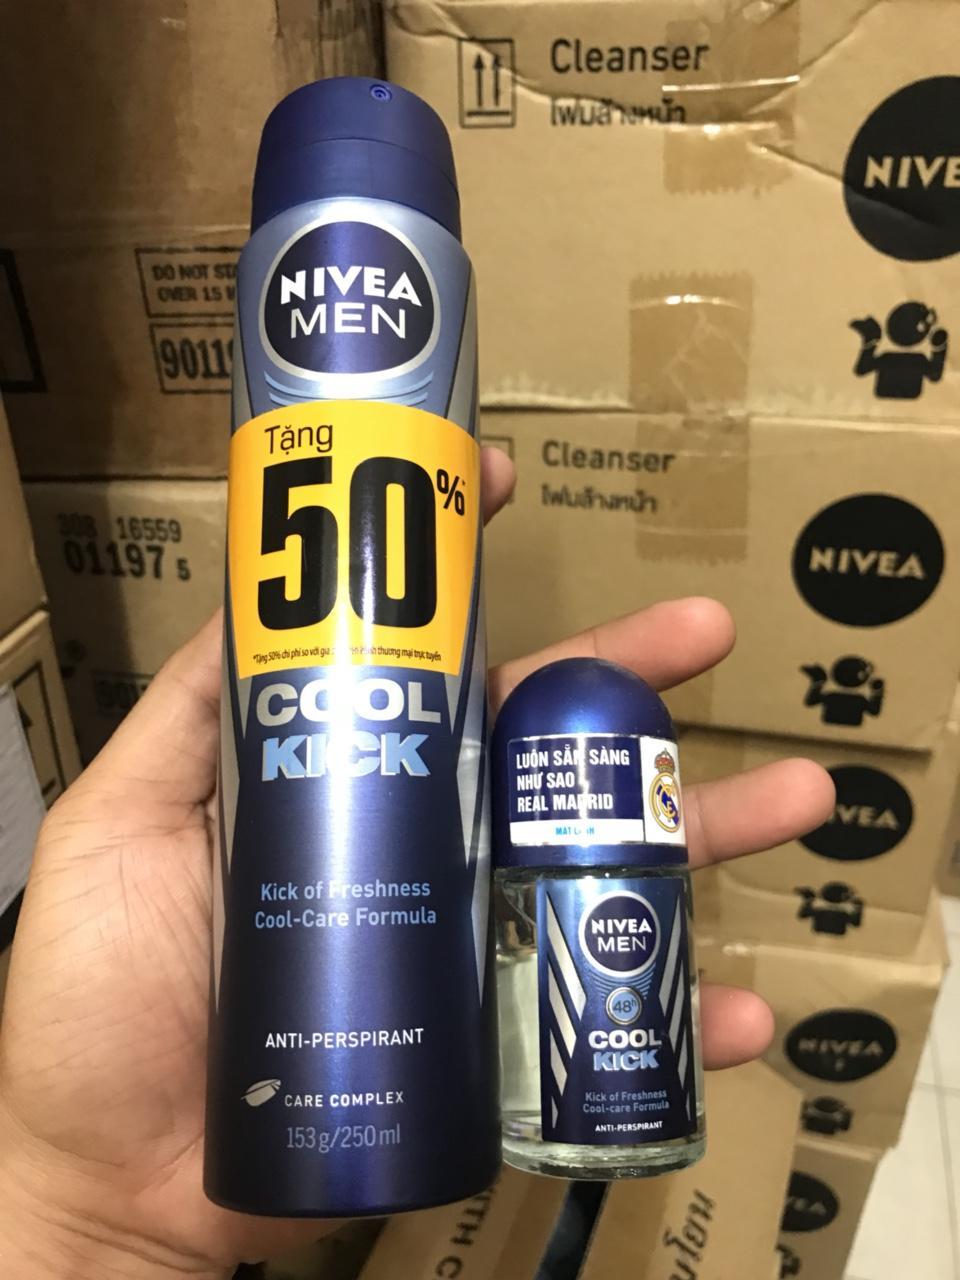 Hình ảnh Xịt khử mùi Nivea Men Cool Kick mát lạnh tăng 50% dung tích chai 250ml tặng lăn ngăn mùi nivea 25ml